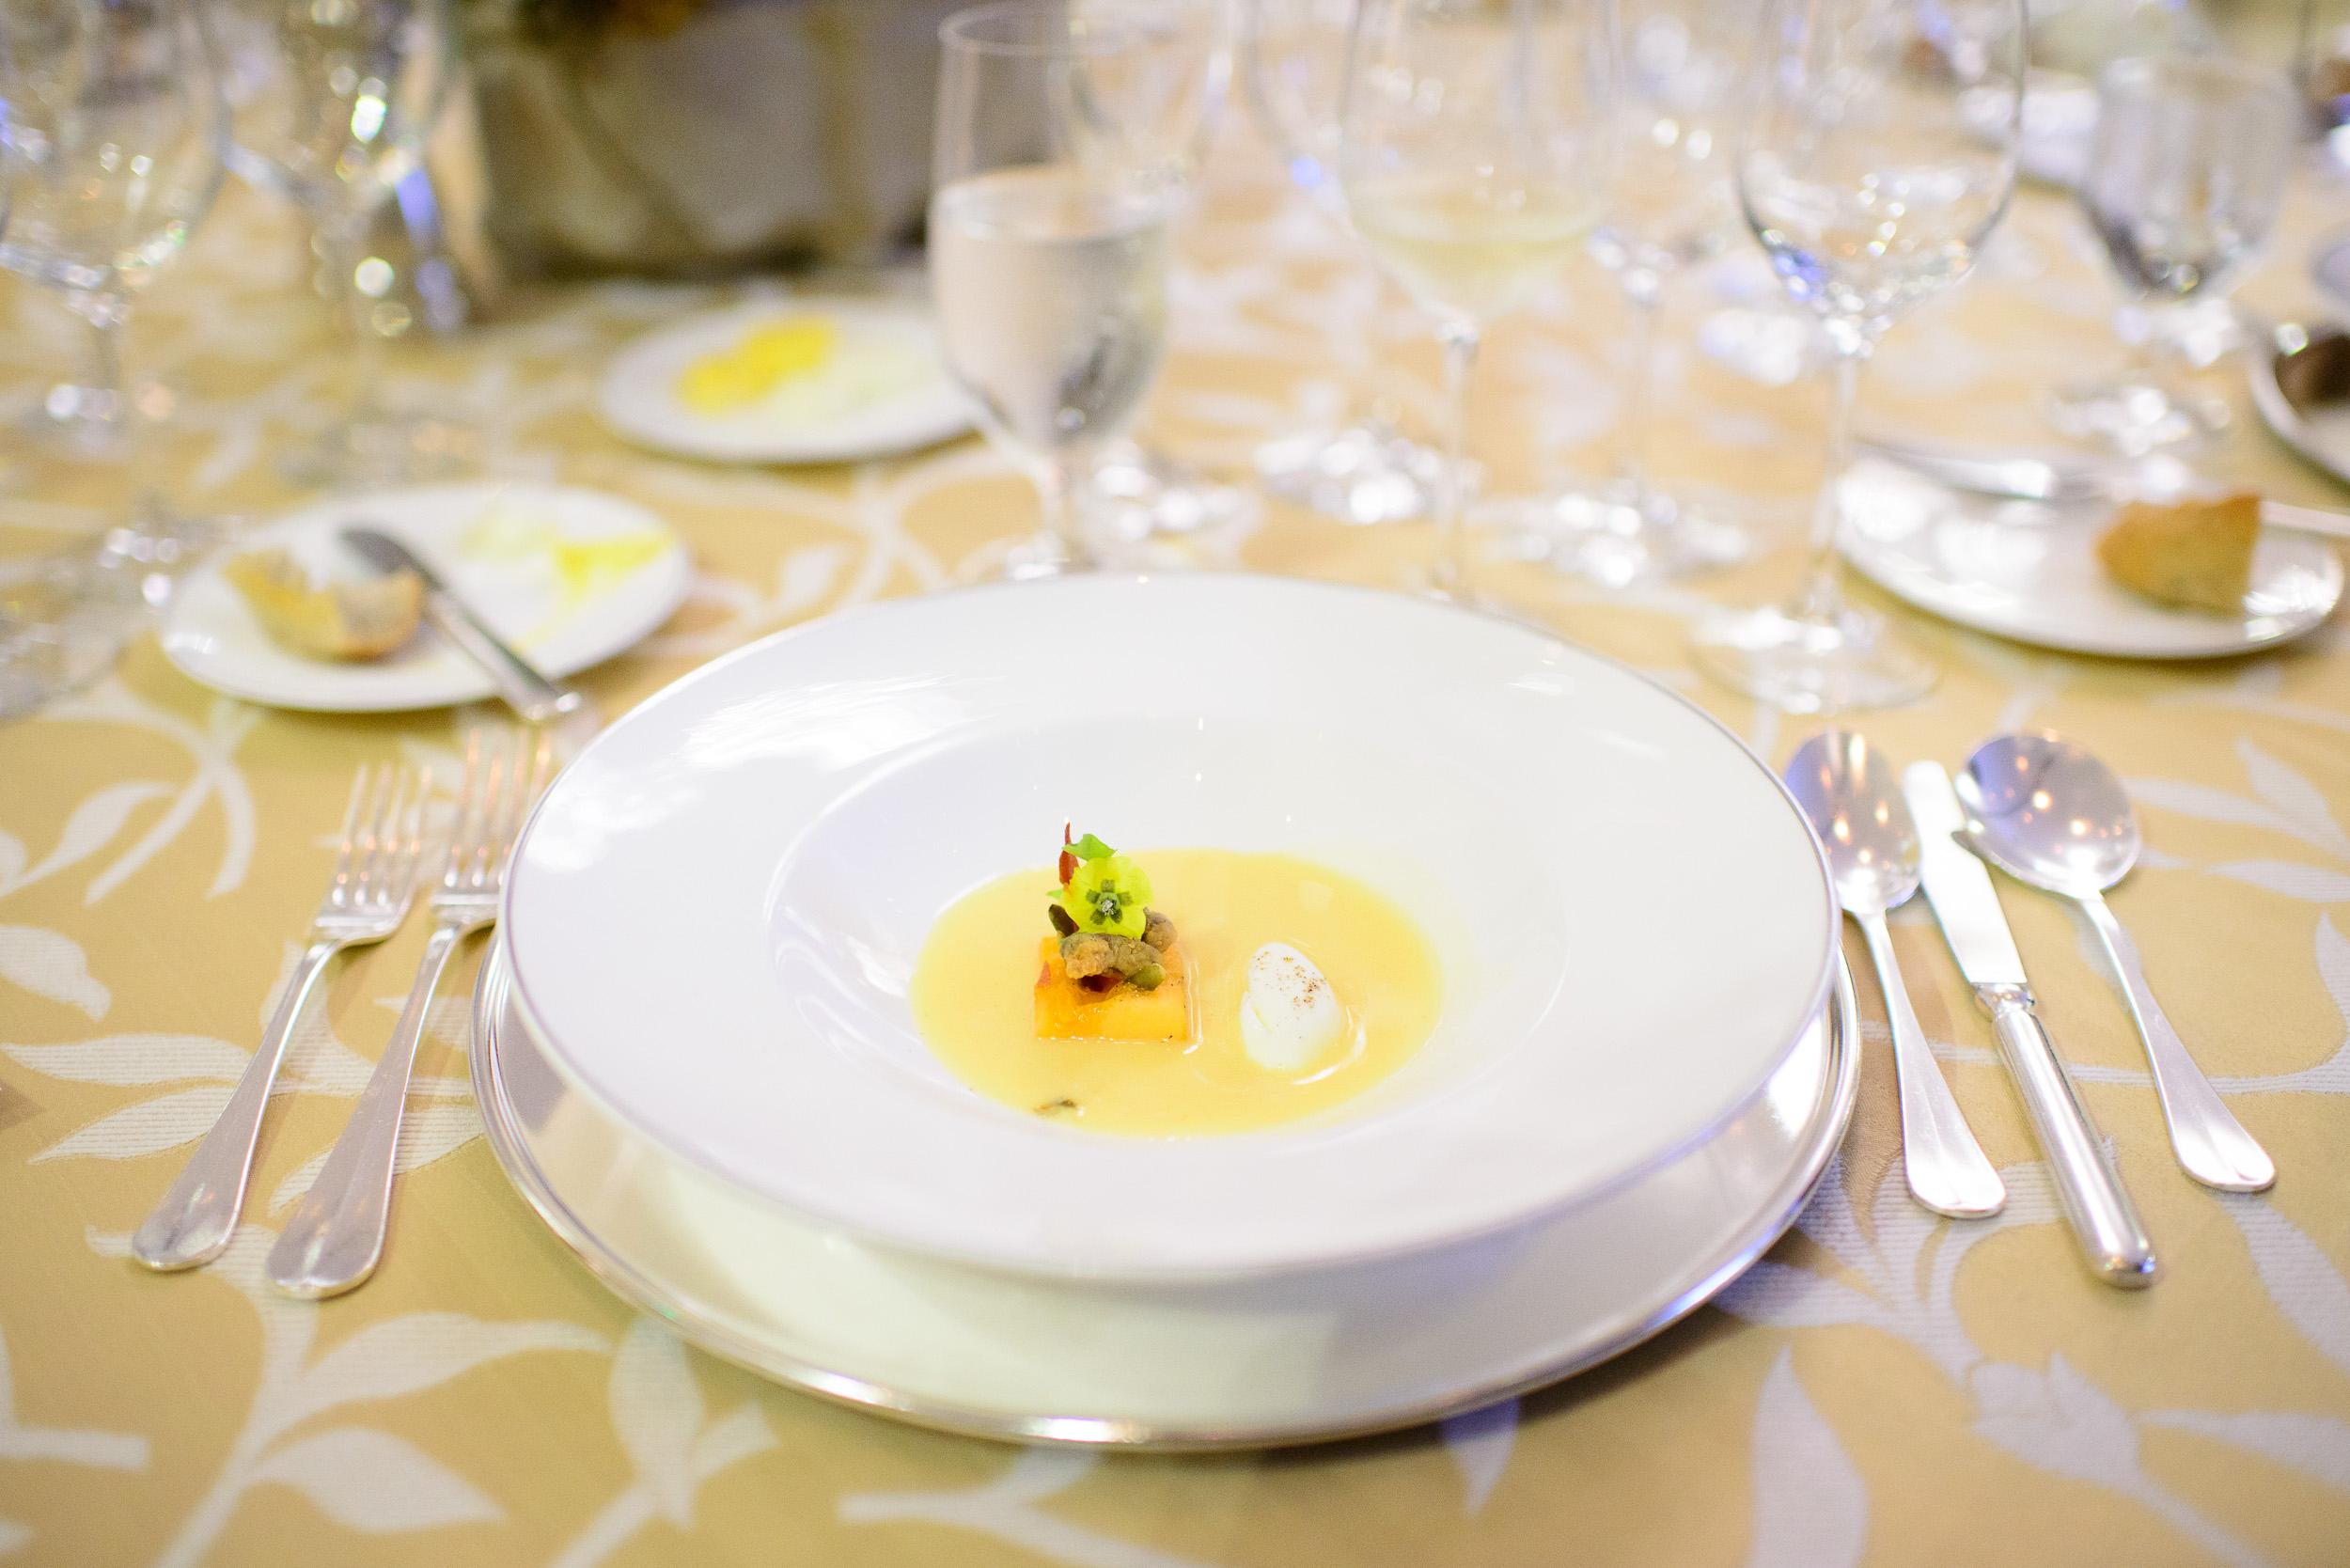 2nd Course: Sopa de melón, Arturo Fernández, Raíz, Estado de